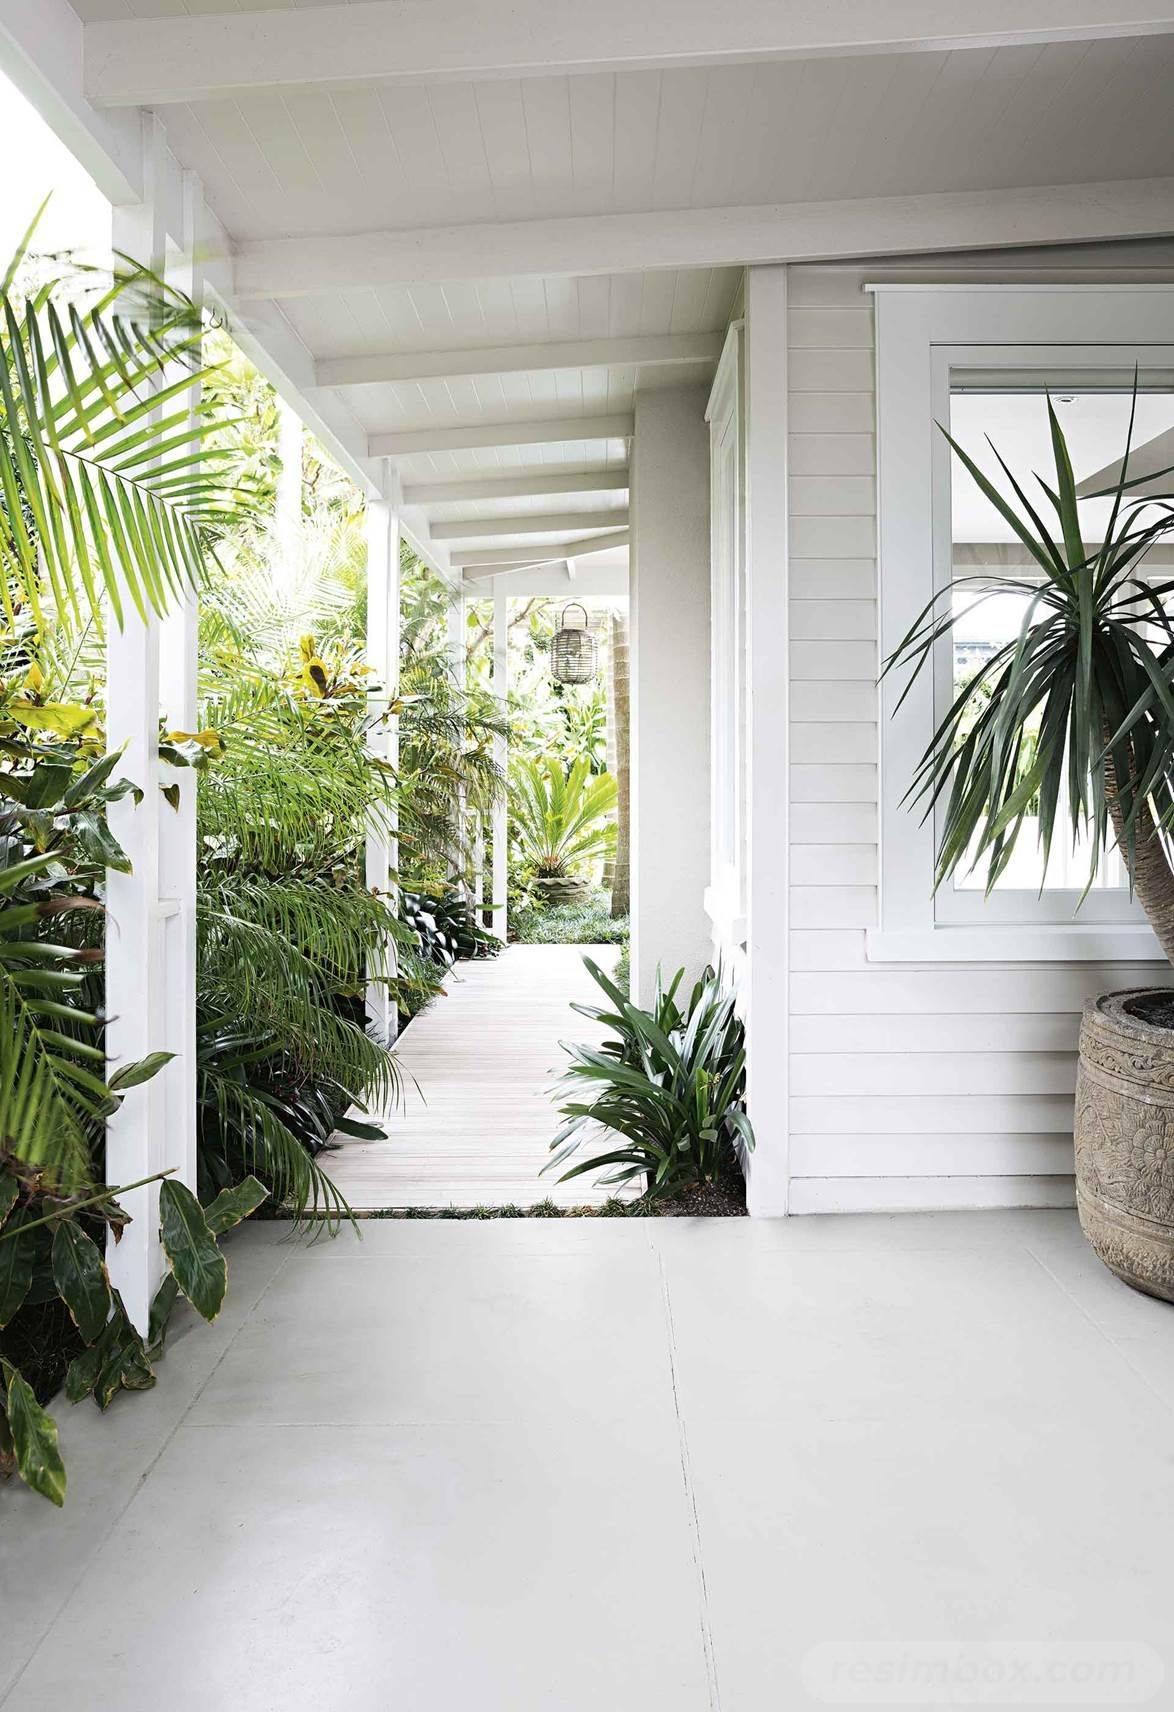 tropical garden ideas-86272149098012827